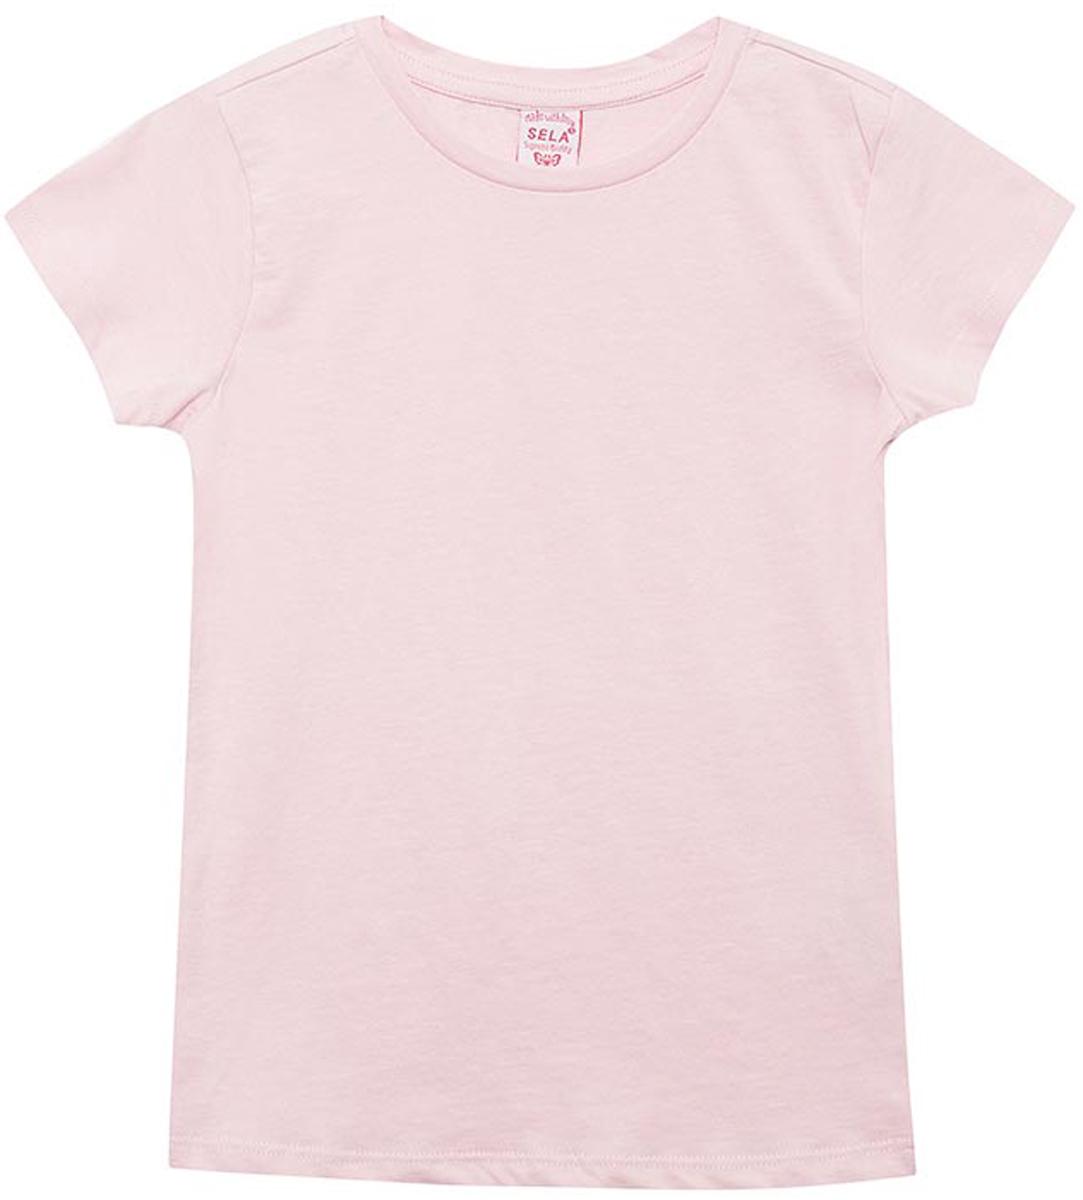 Футболка для девочки Sela, цвет: розовый. Ts-611/1257-8161. Размер 146Ts-611/1257-8161Футболка для девочки Sela выполнена из натурального хлопка. Модель с круглым вырезом горловины и короткими рукавами.